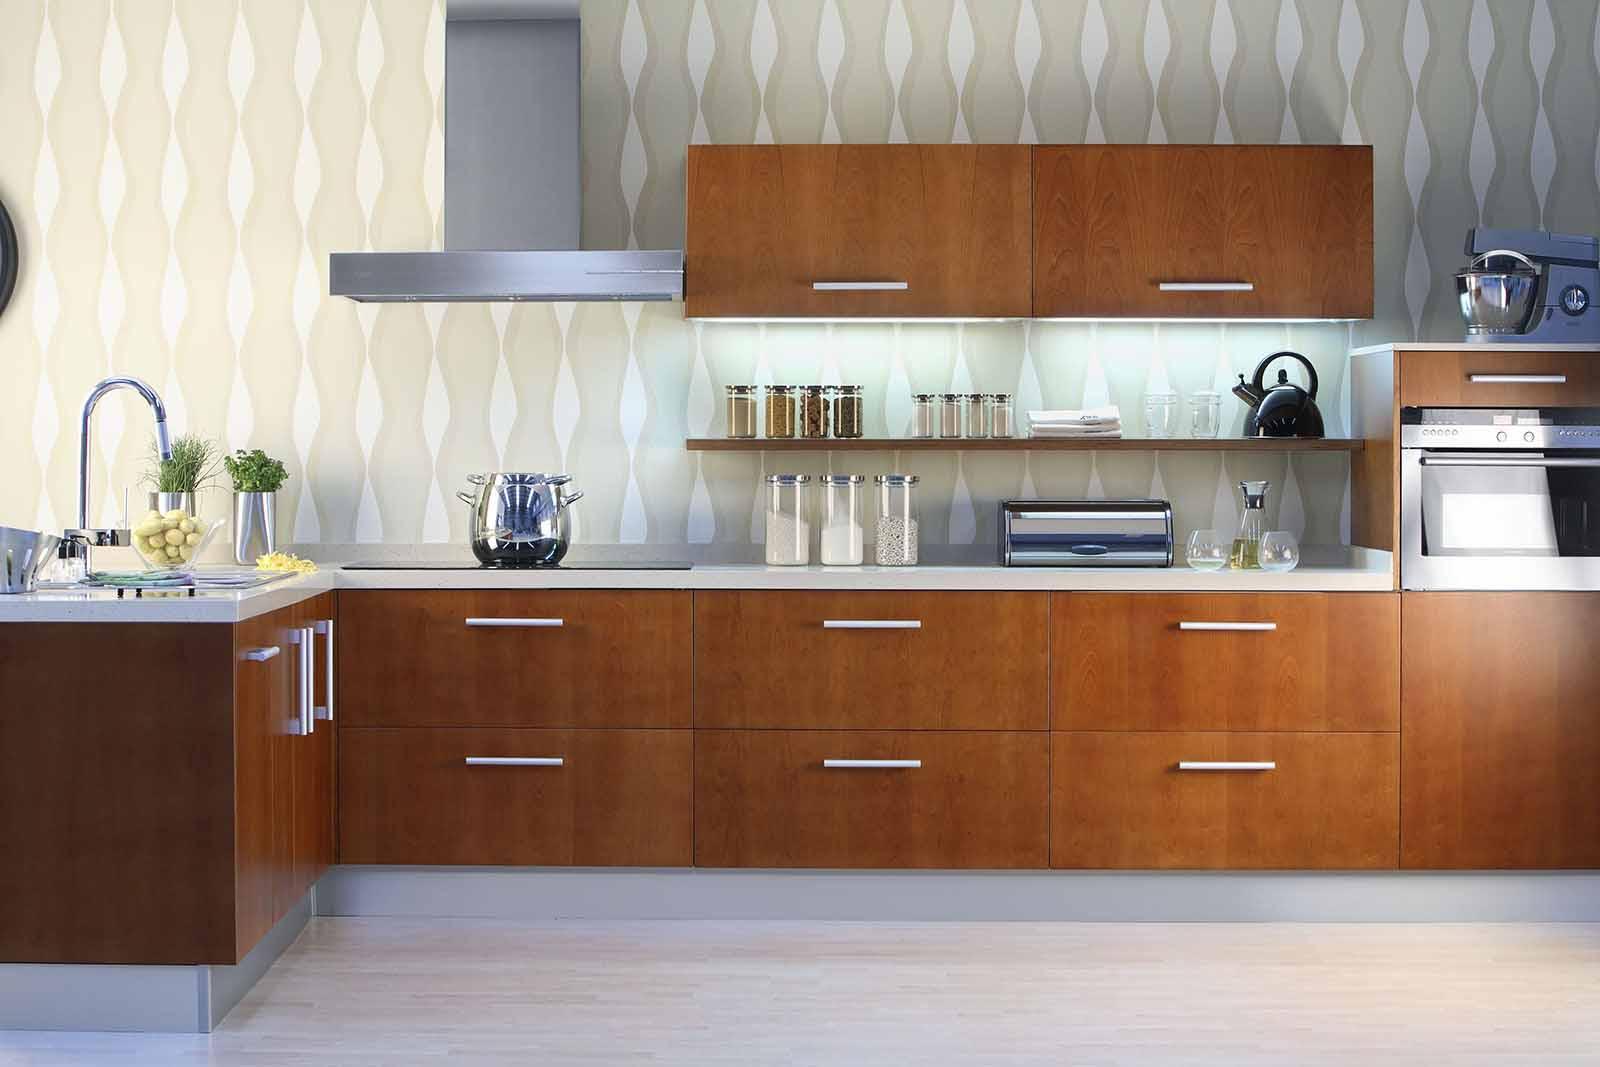 Cocina 23 cocinas capis dise o y fabricaci n de cocinas for Configurador cocinas